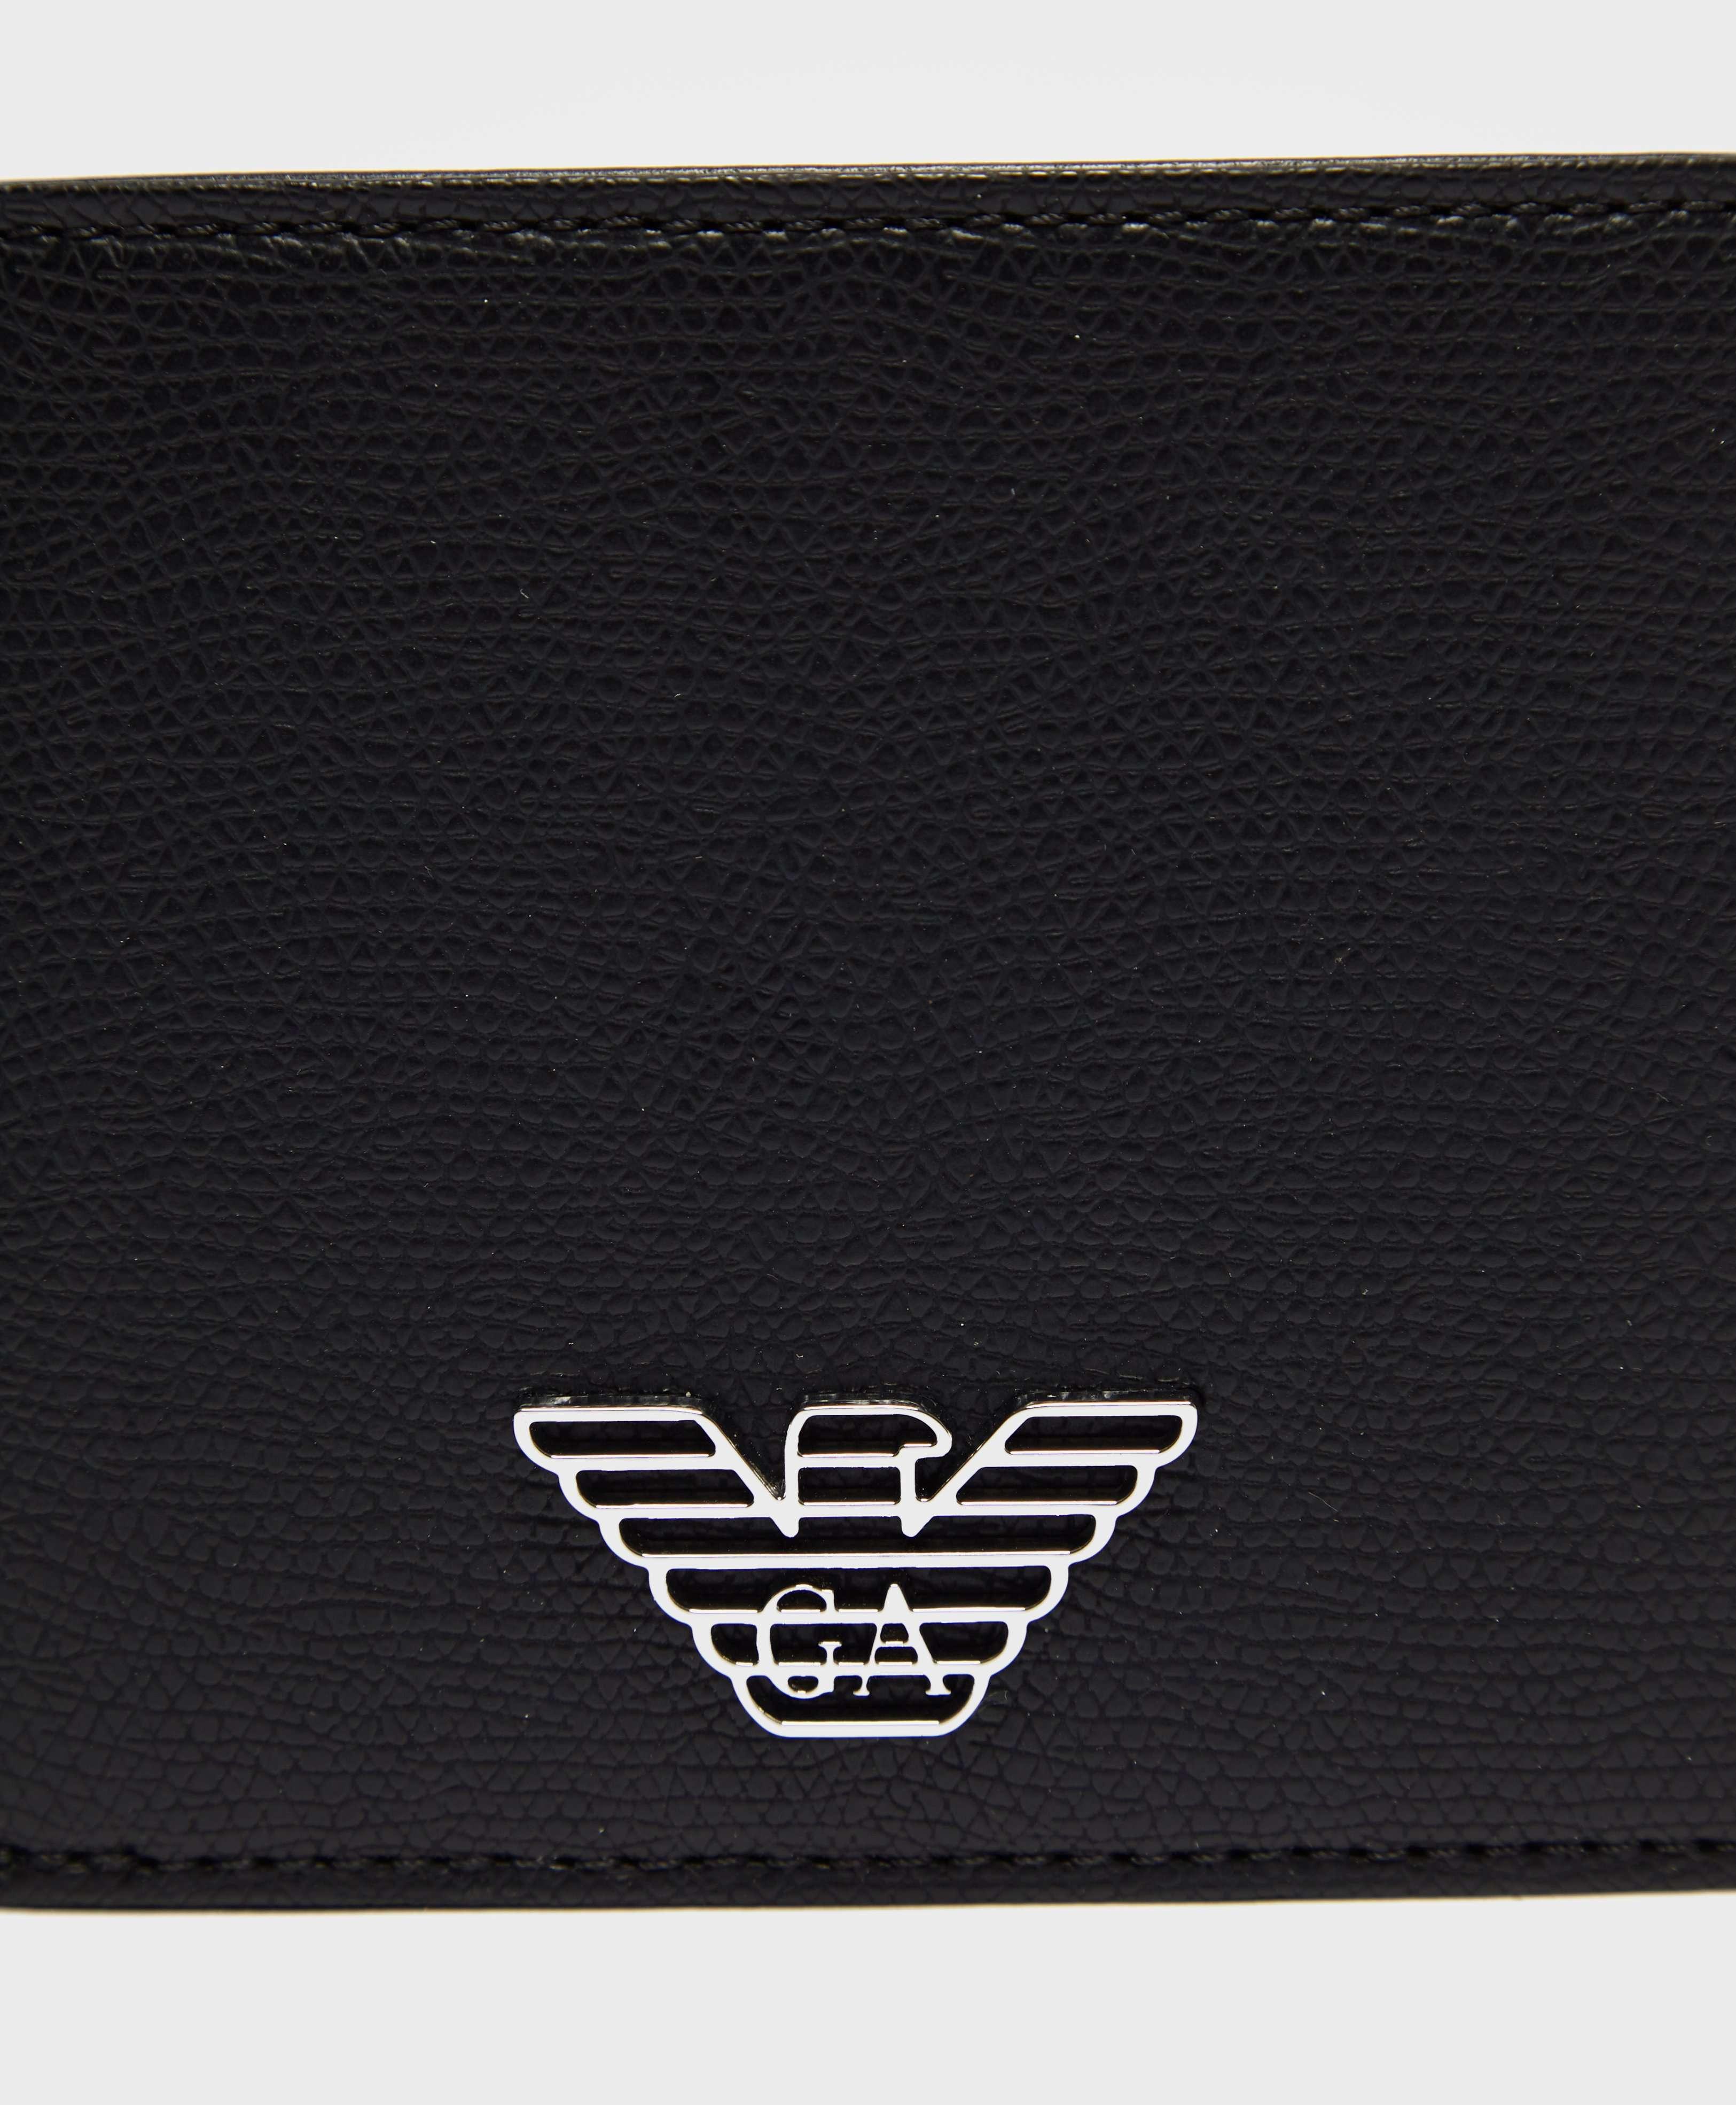 Emporio Armani Eagle Bill Wallet